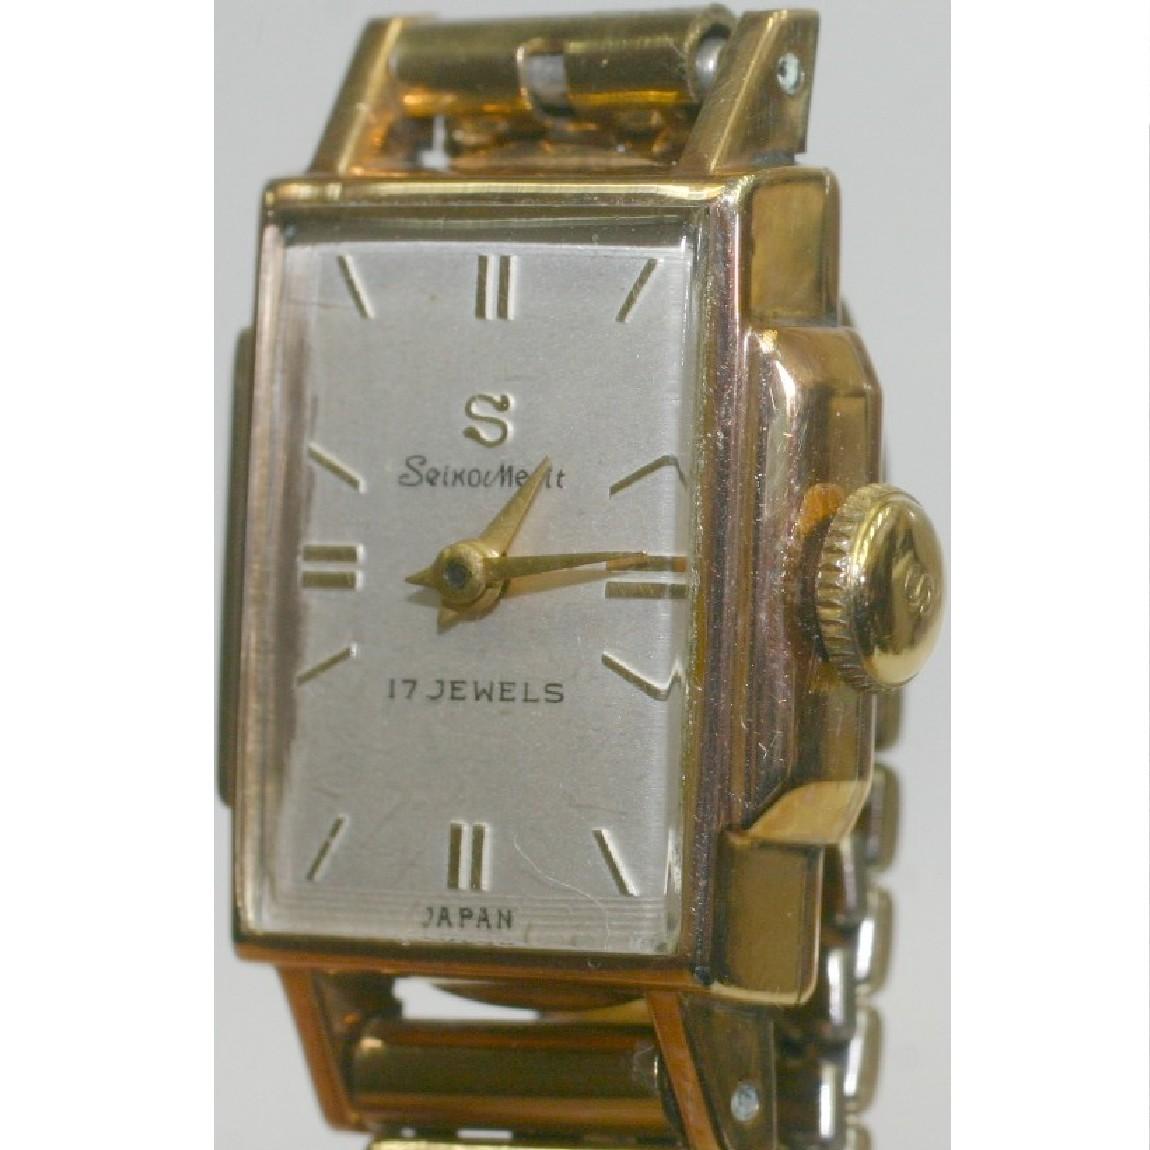 【中古】本物完動美品珍しい14Kゴールドフィルド SマークSeiko Merit セイコーメリット 昭和30年代女性用時計